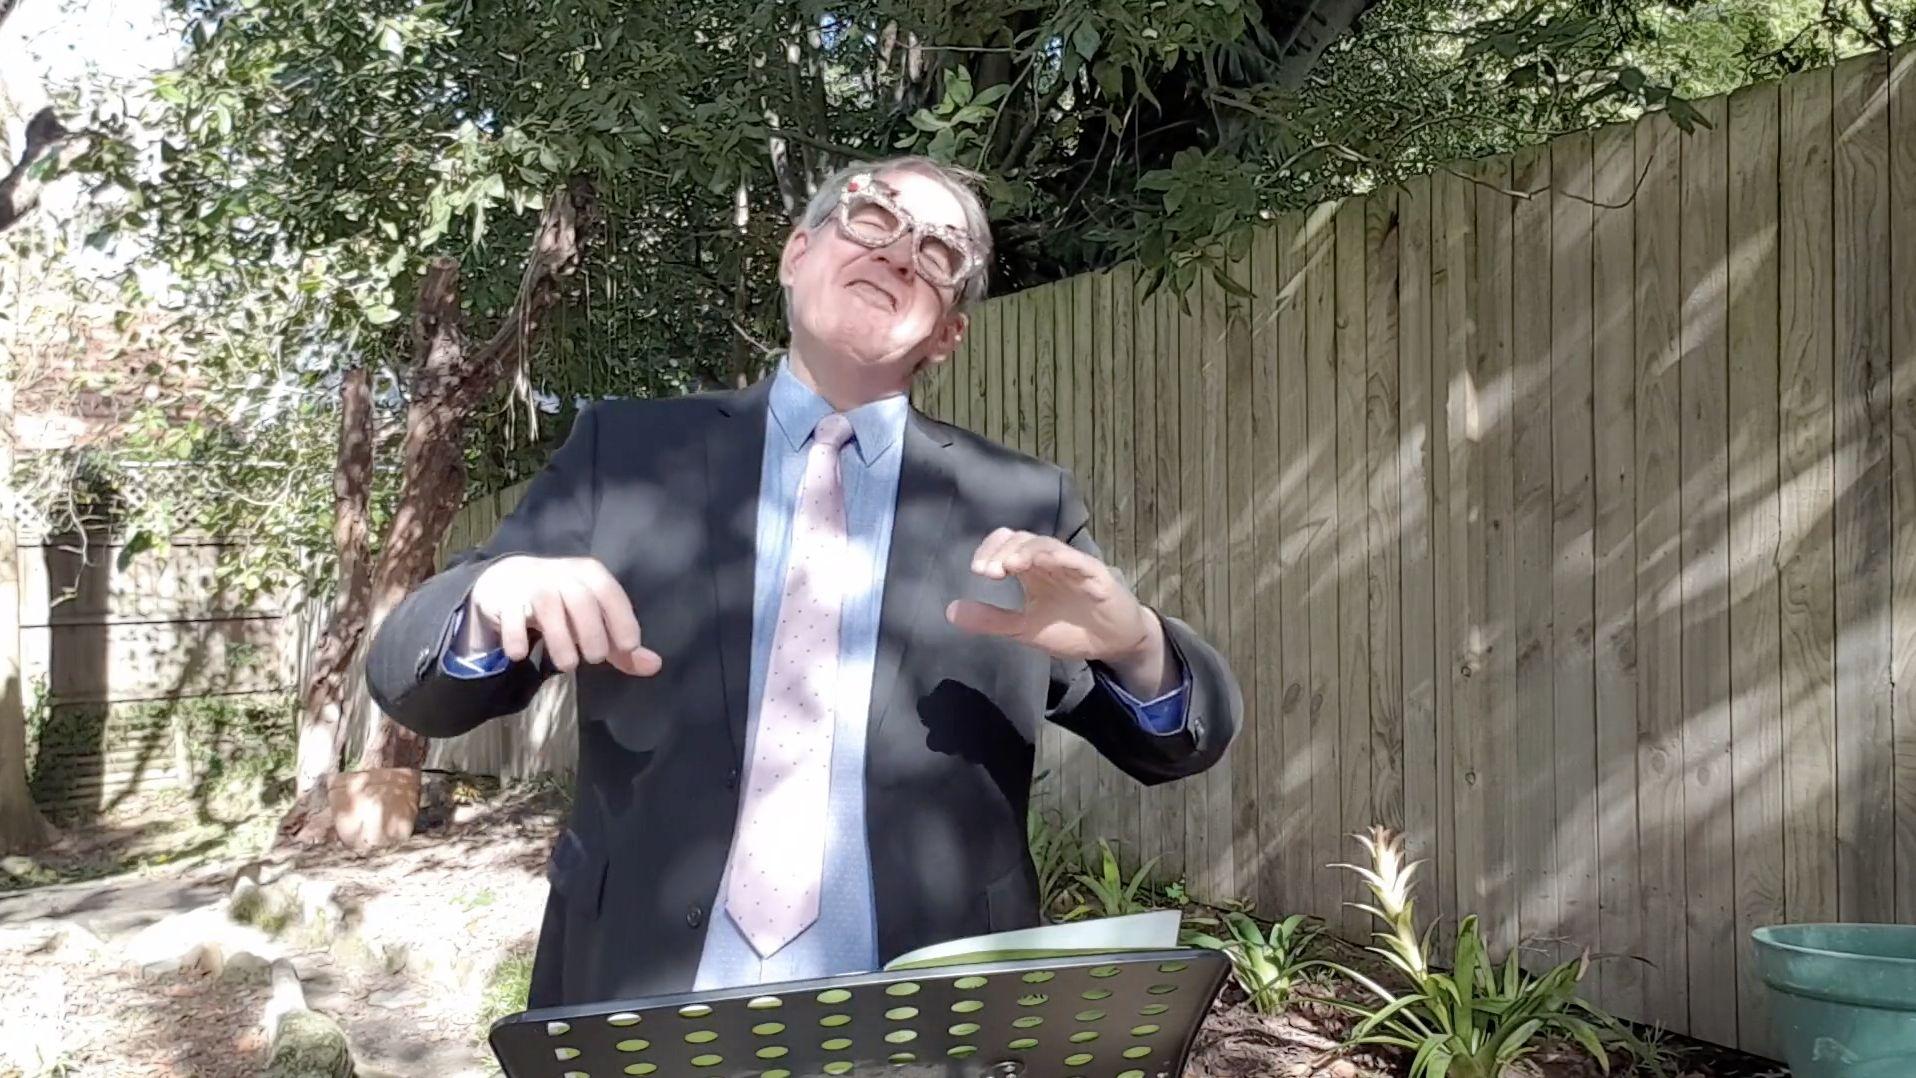 Choral singing tips – 07. Basic arm waving